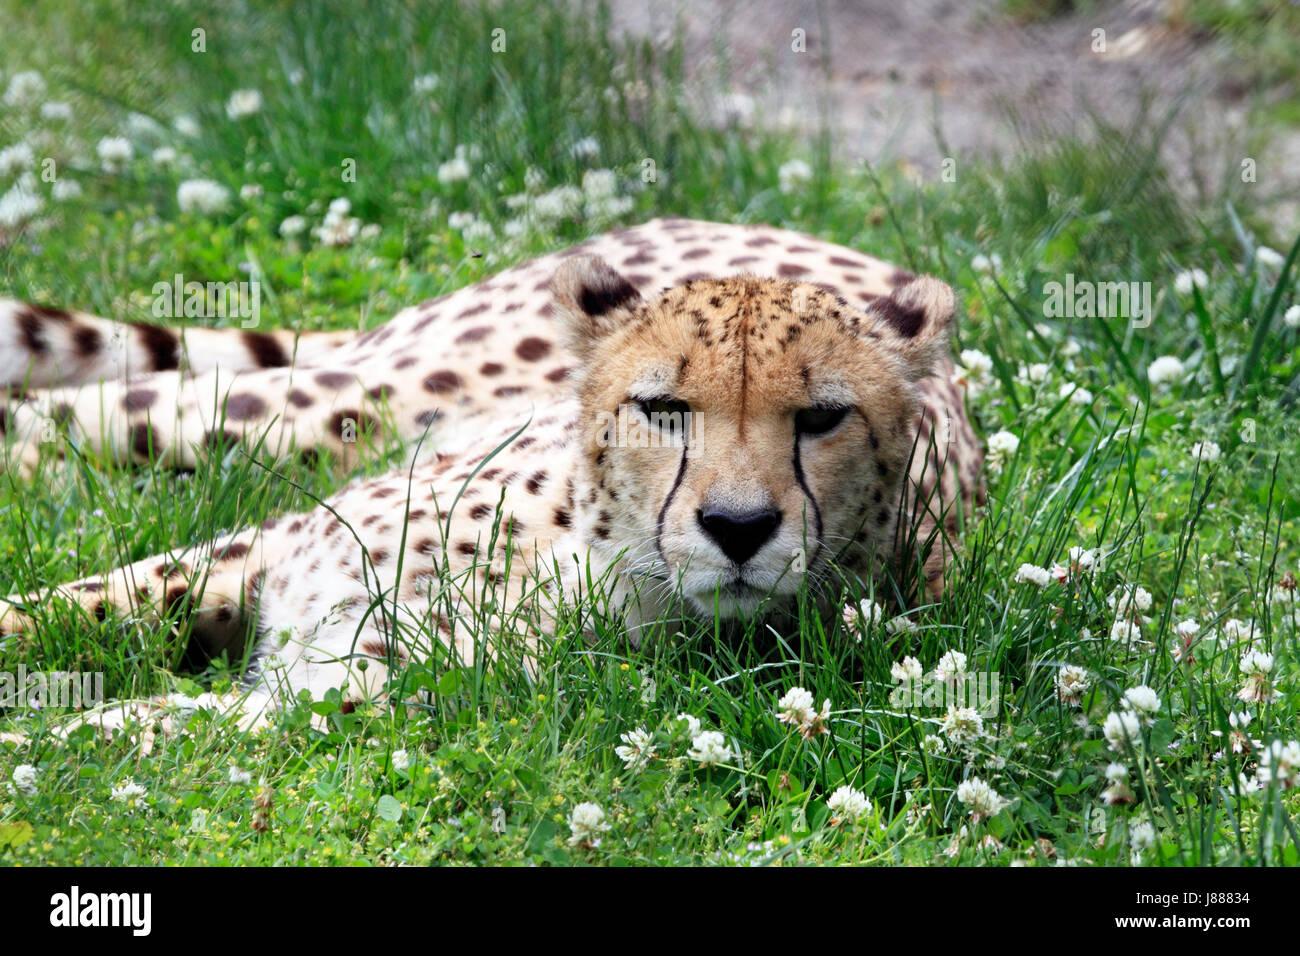 A Cheetah, Acinonyx jubatus - Stock Image